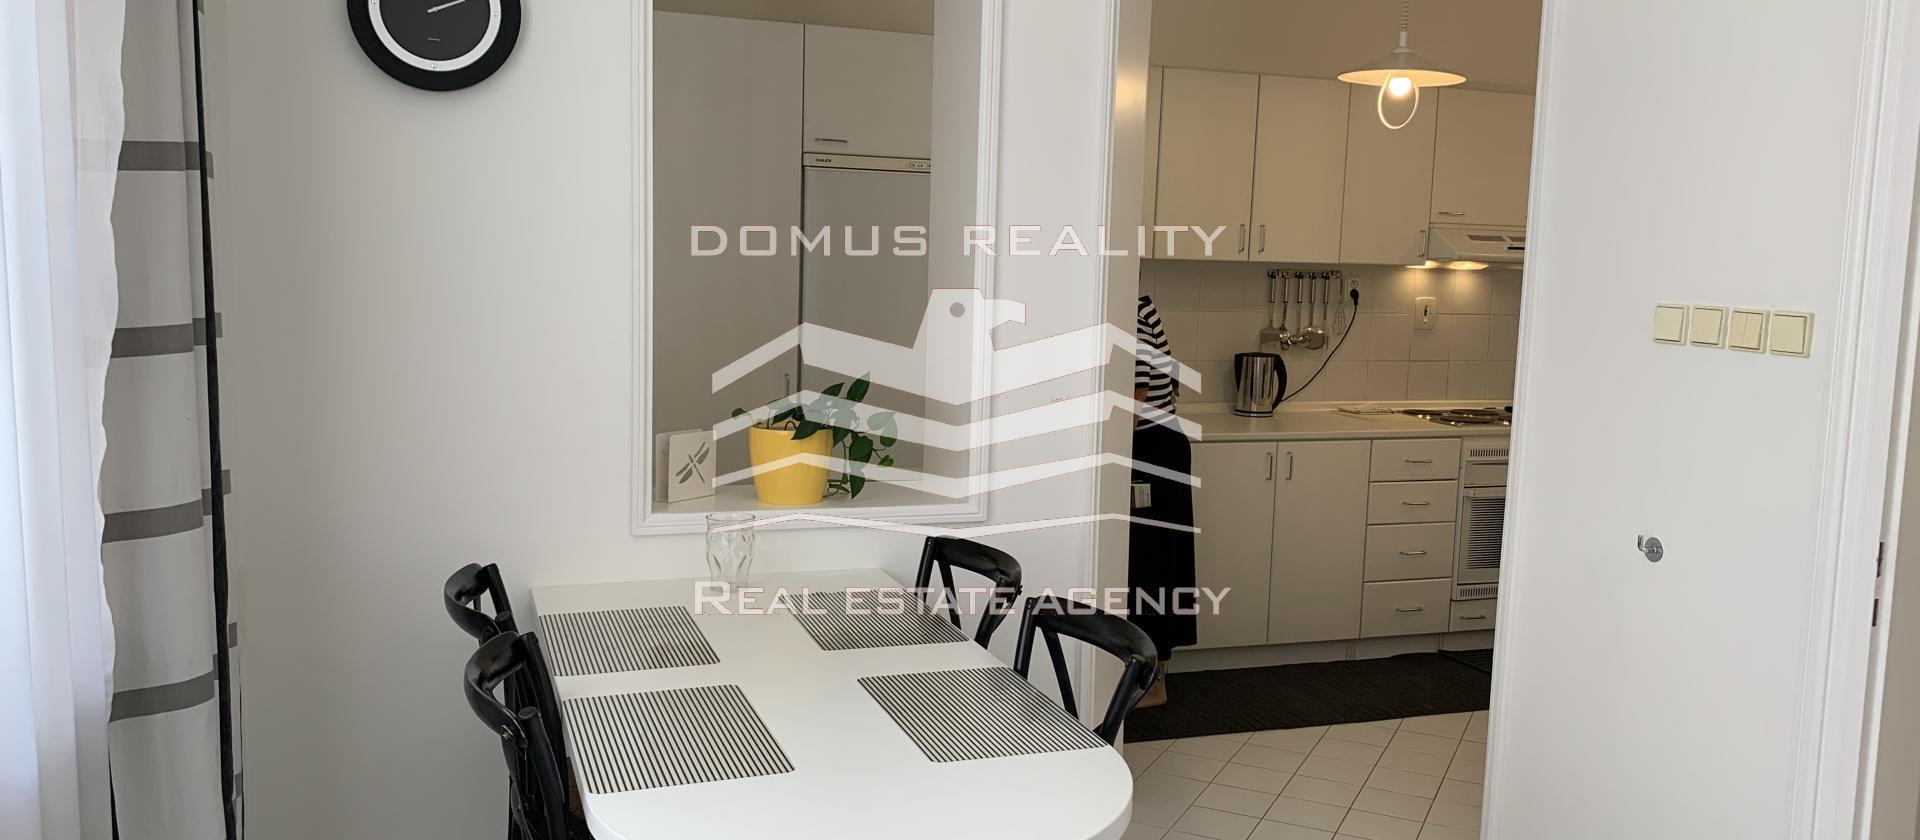 Velmi krásný a světlý byt 3+1 o rozloze 97 m2 s velkou vstupní halou se nachází v secesním cihlovém domě v blízkosti v centru Prahy 1- Nové Město